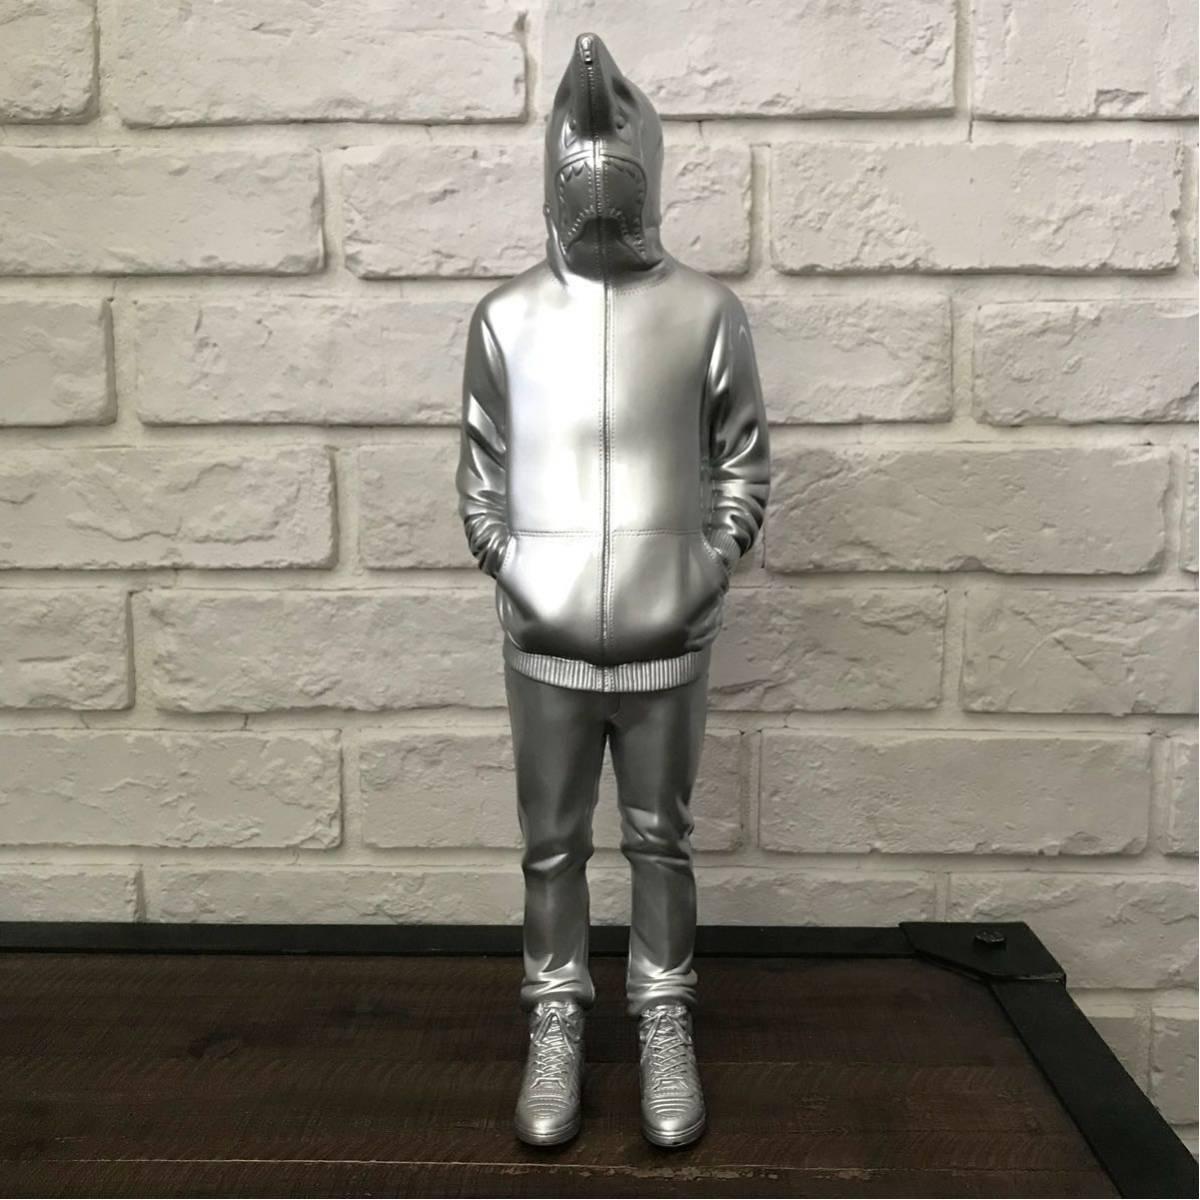 テリヤキ星人 フィギュア a bathing ape bape land teriyaki boys テリヤキボーイズ エイプ ベイプ シャーク パーカー shark hoodie silver